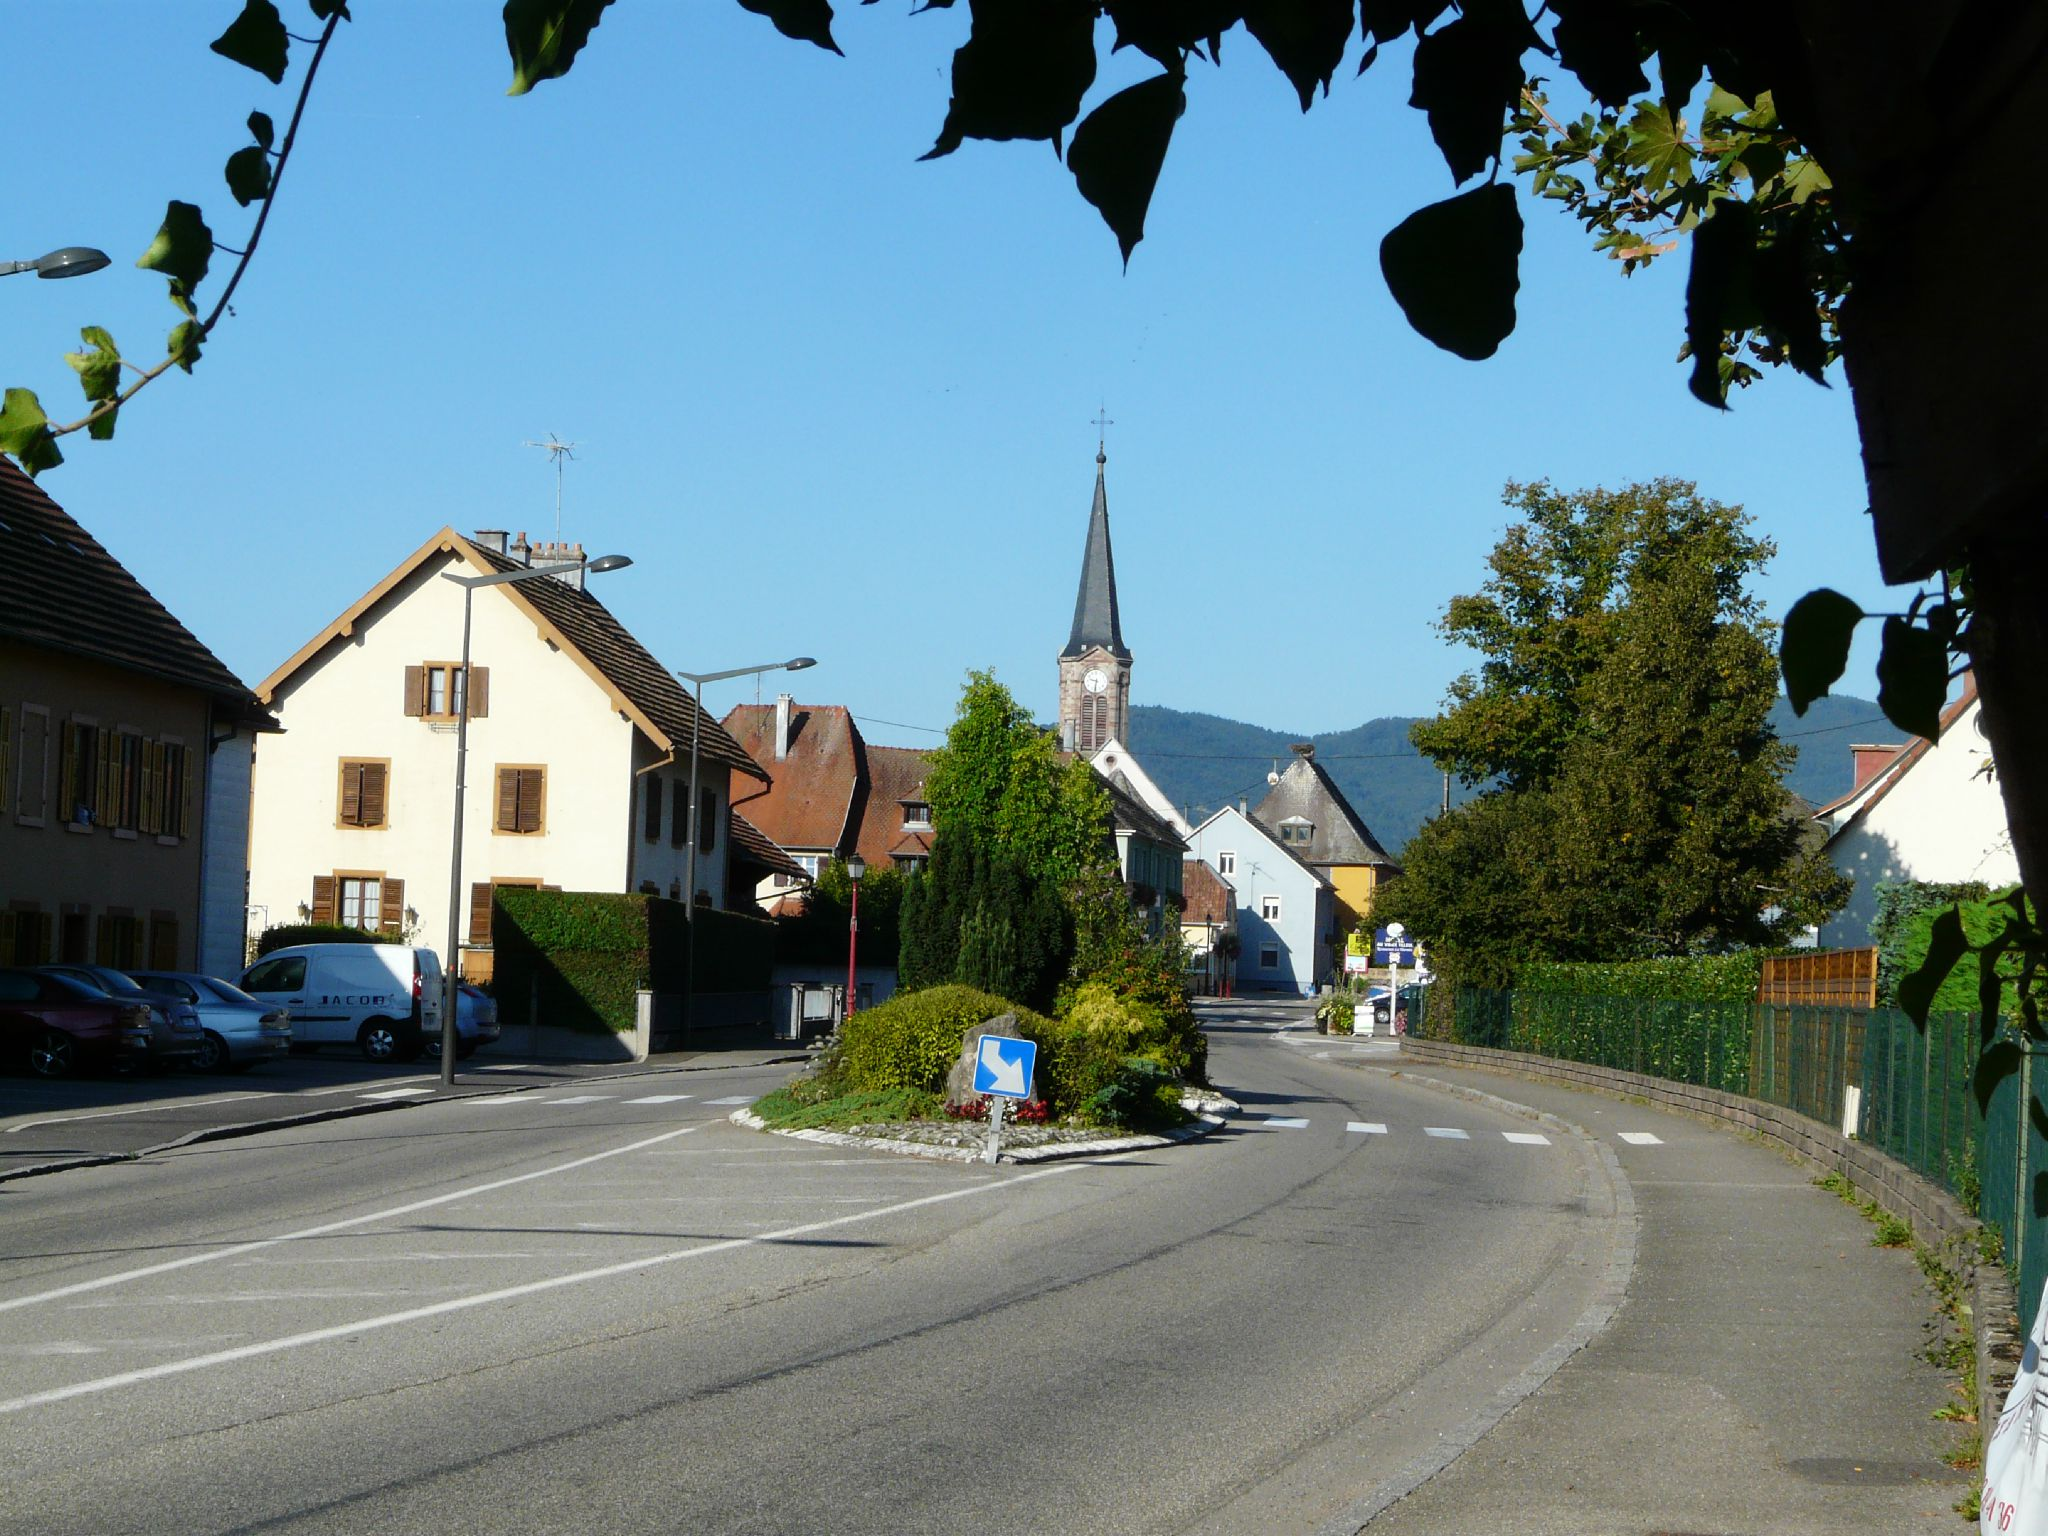 Sentheim (1)